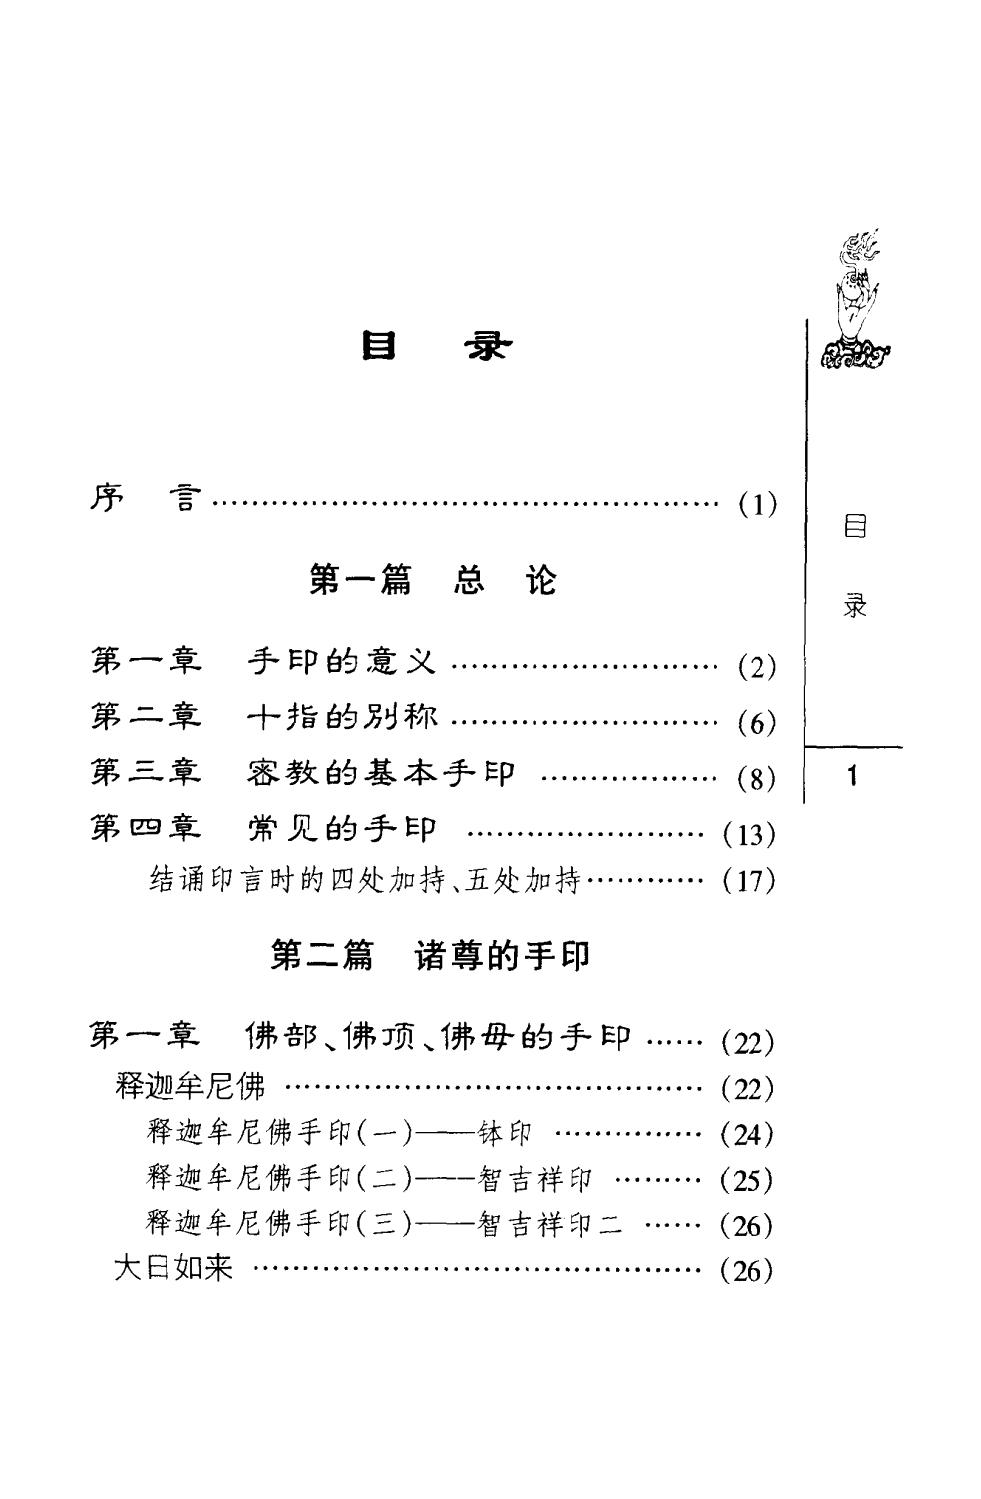 佛教小百科_集一辑_17_佛教的手印_中国社会科学出版社_2003_PIC